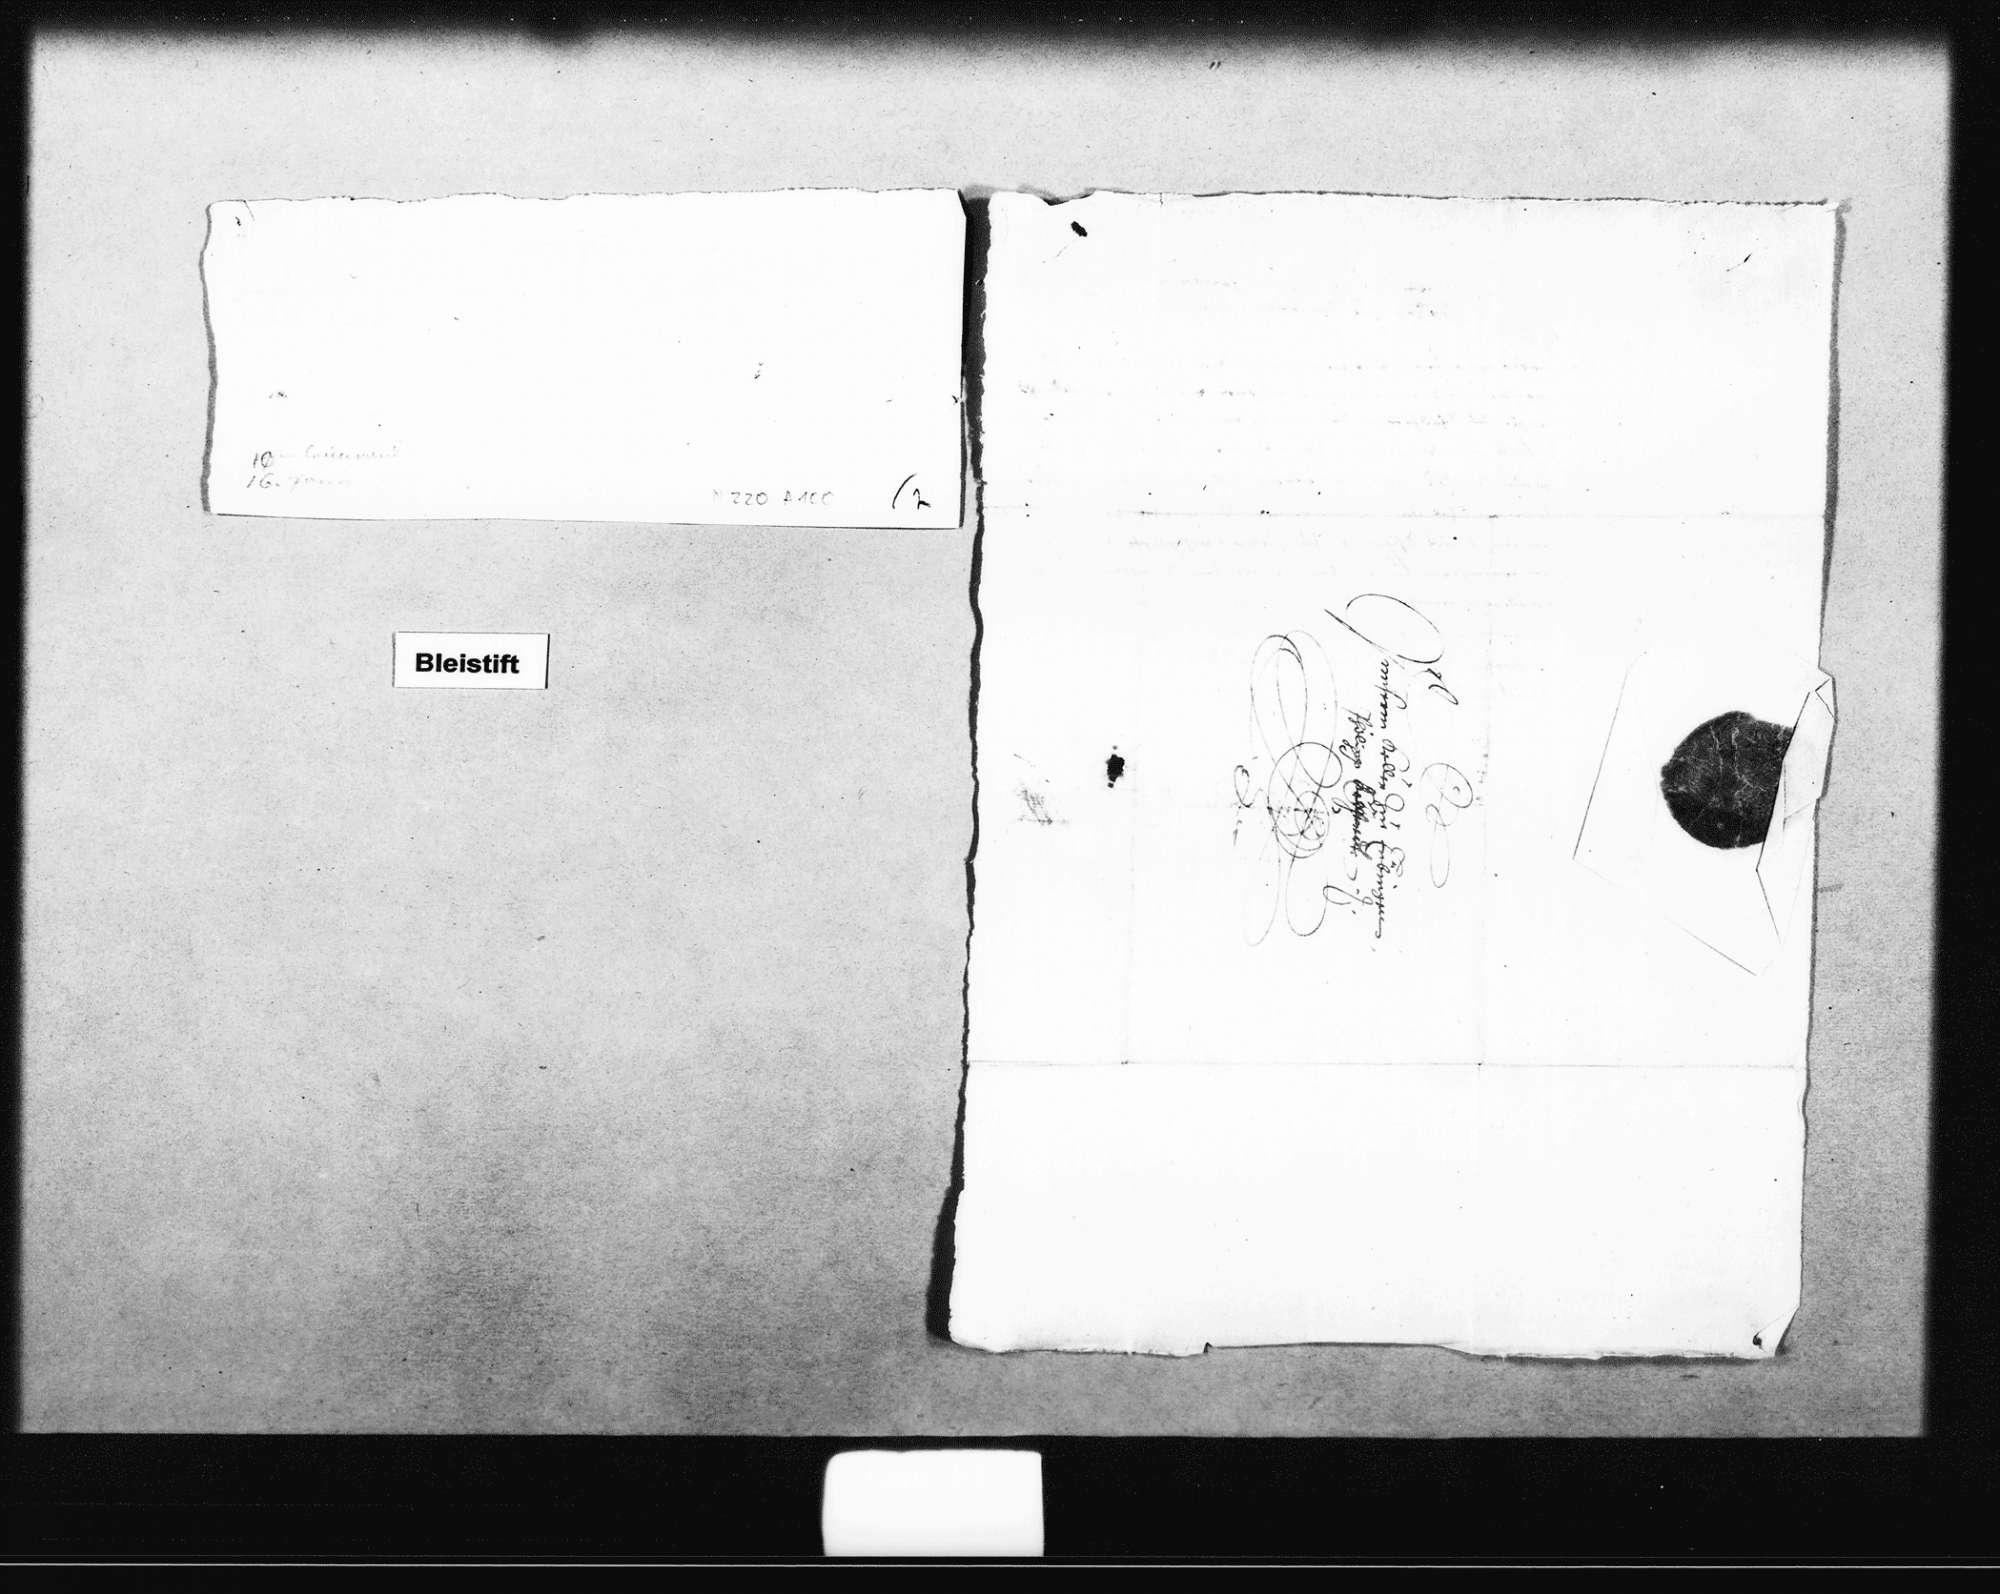 Schreiben des Herzogs Johann Friedrich an Philipp Eckhardt, Keller in Tübingen, über die Instandsetzung des Schlossbrunnens, Bild 2